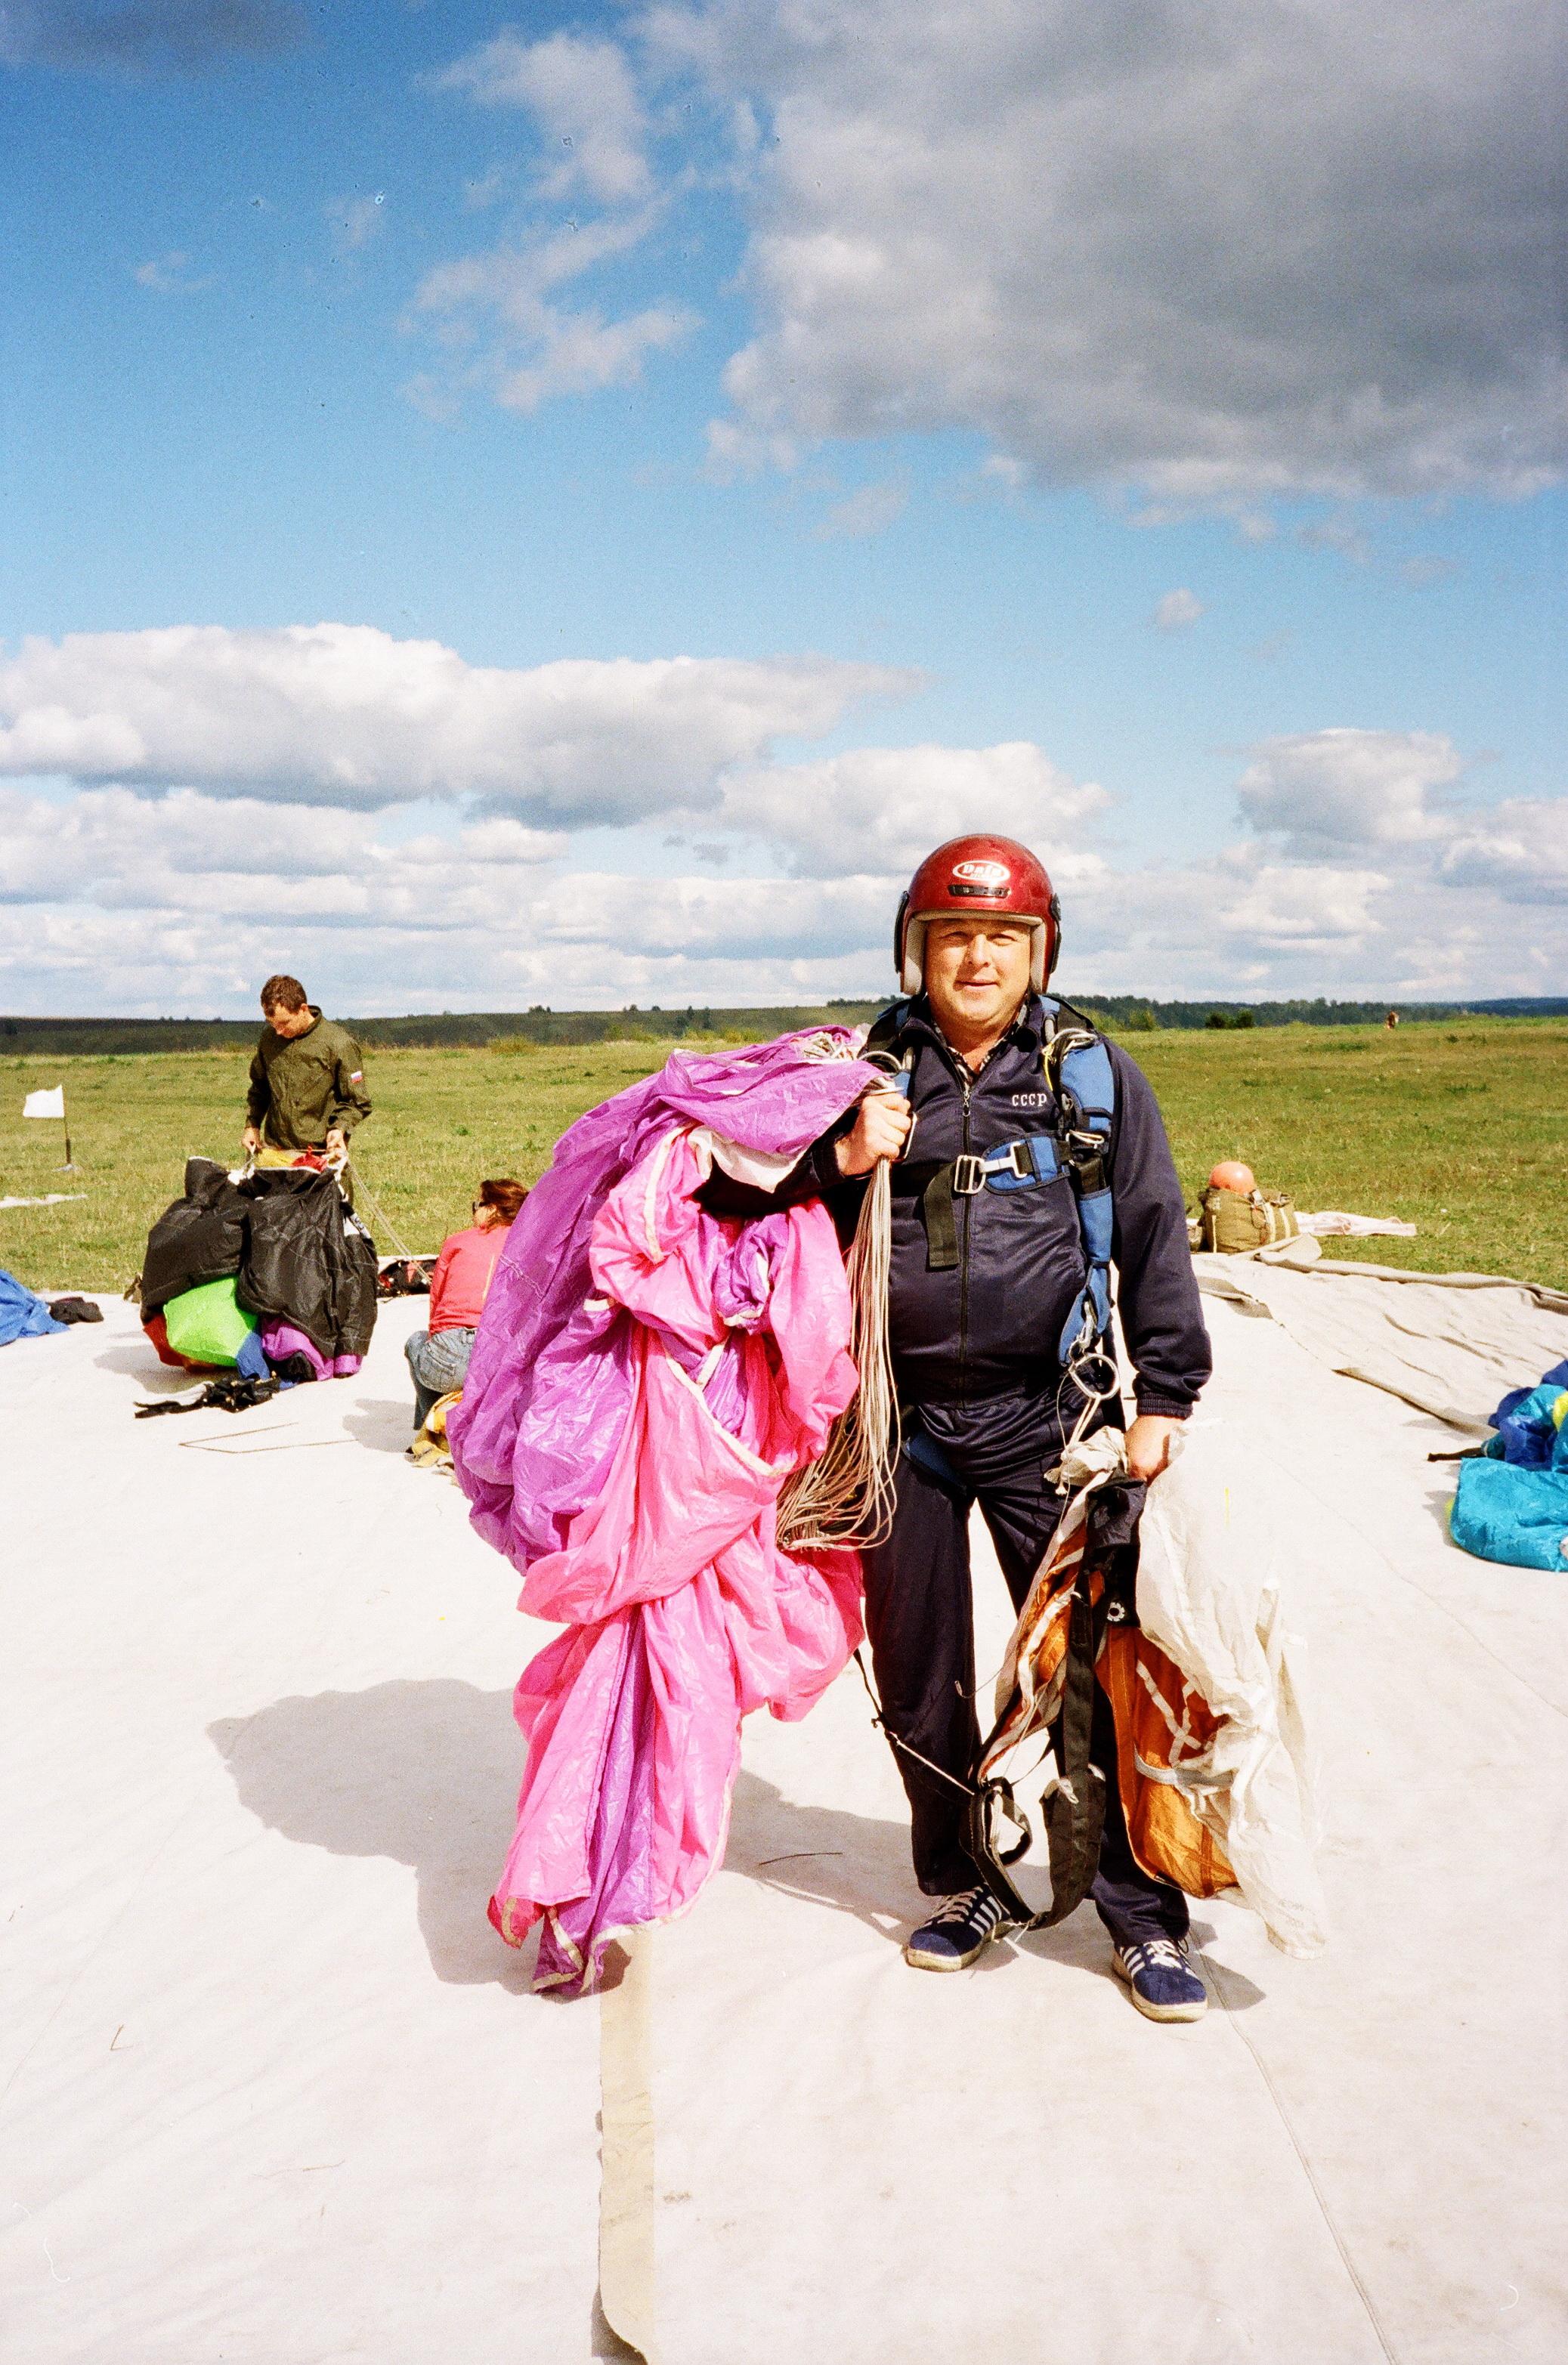 Прыжки с парашютом Красноярск Аэродром ДОСААФ Манский После очередного прыжка Парашют Лесник-3 Высота прыжка 1300 метров